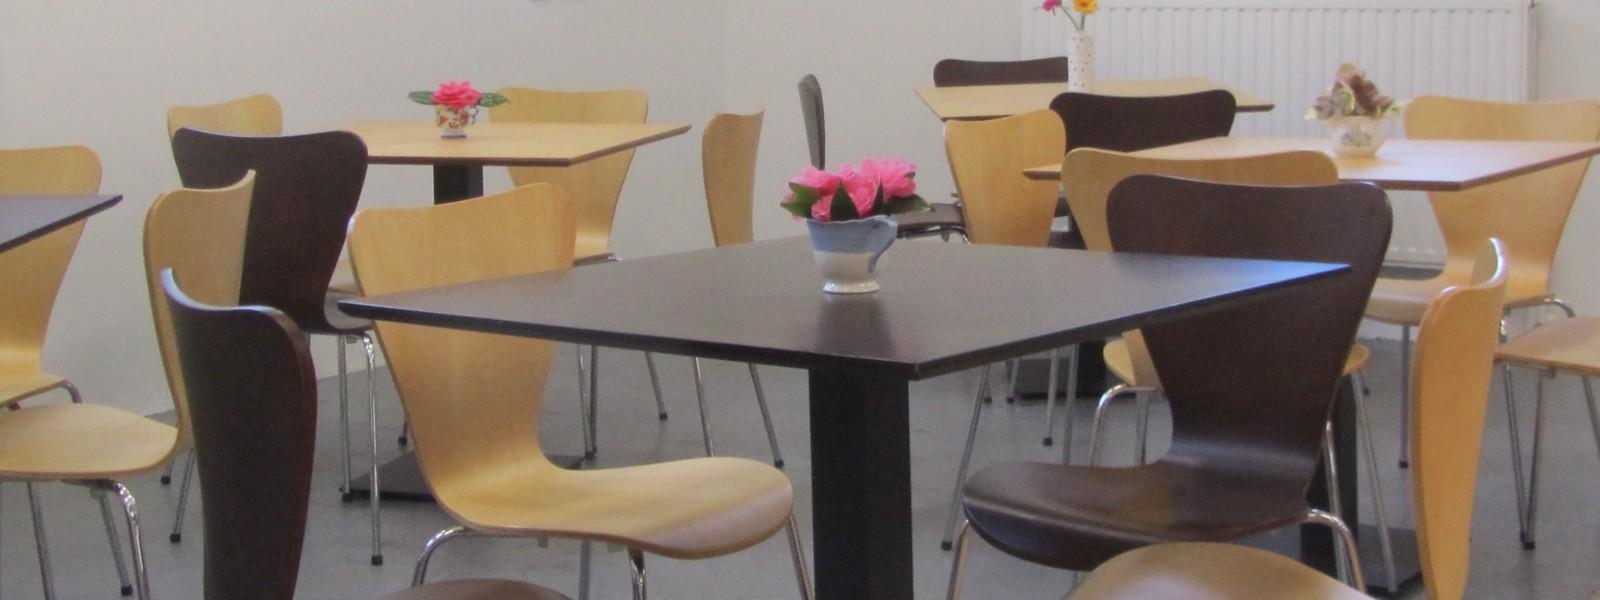 Cafe, Treverbyn Community Hall